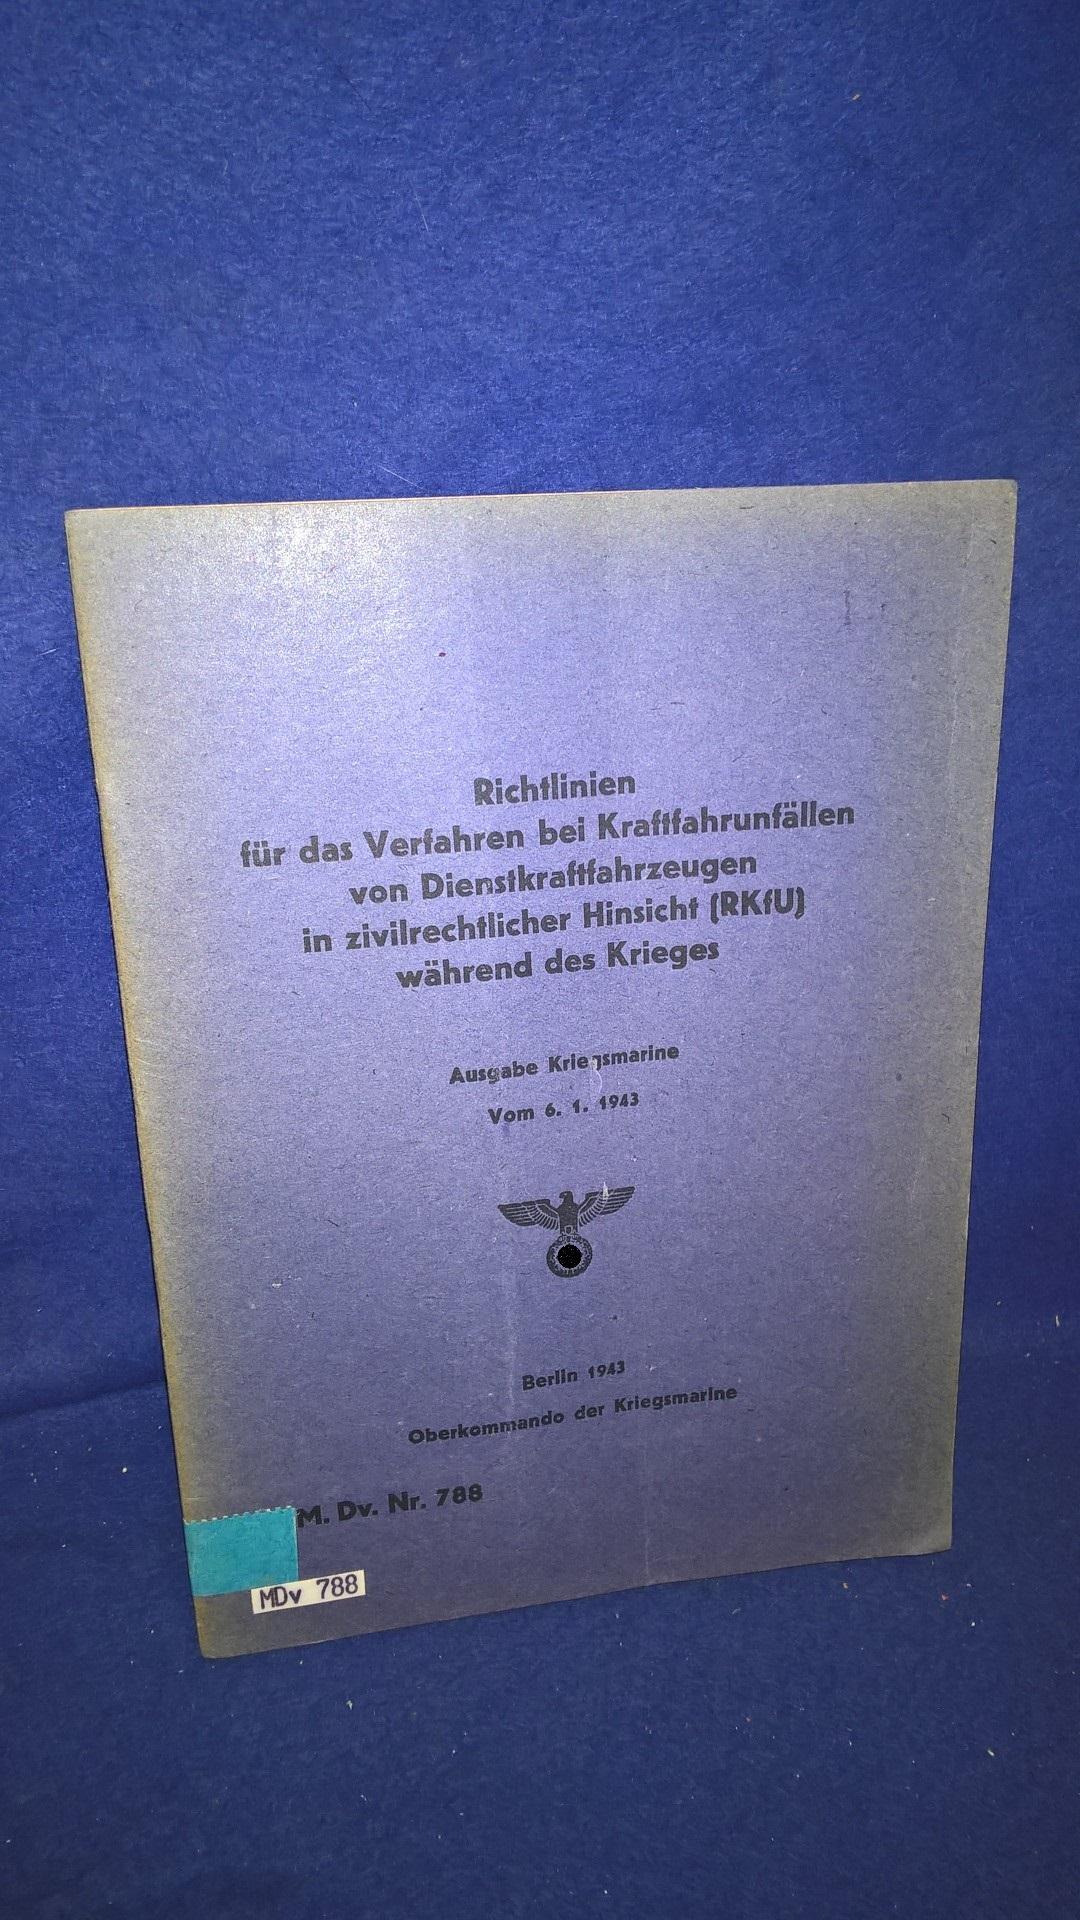 M.Dv. Nr. 788. Richtlinien für das Verfahren bei Kraftfahrunfällen von Dienstkraftfahrzeugen in zivilrechtlicher Hinsicht (RKfU.) während des Krieges vom 15.1.43. - Ausgabe der Kriegsmarine -.